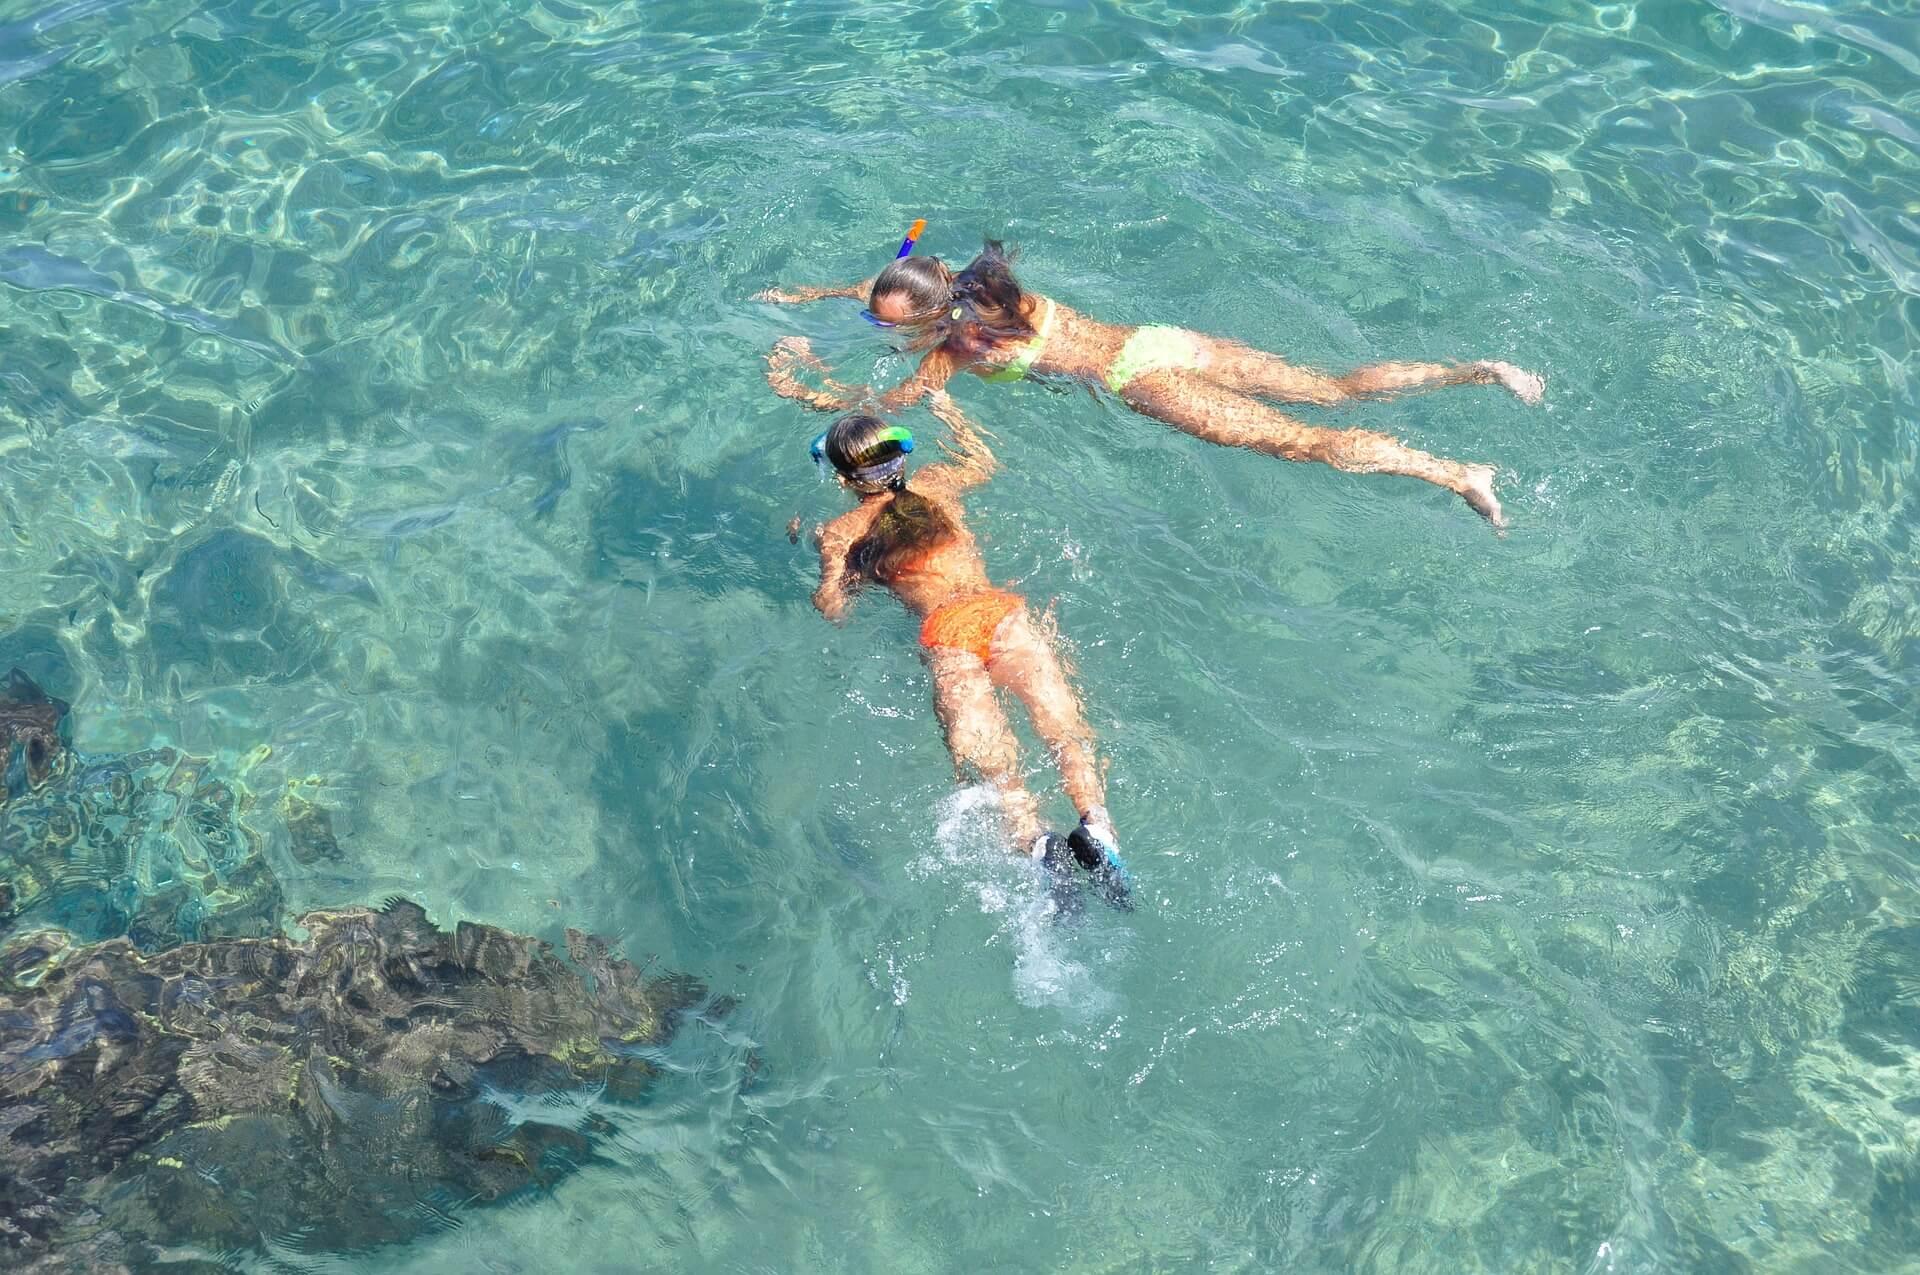 Deux femmes s'initient à la plongée